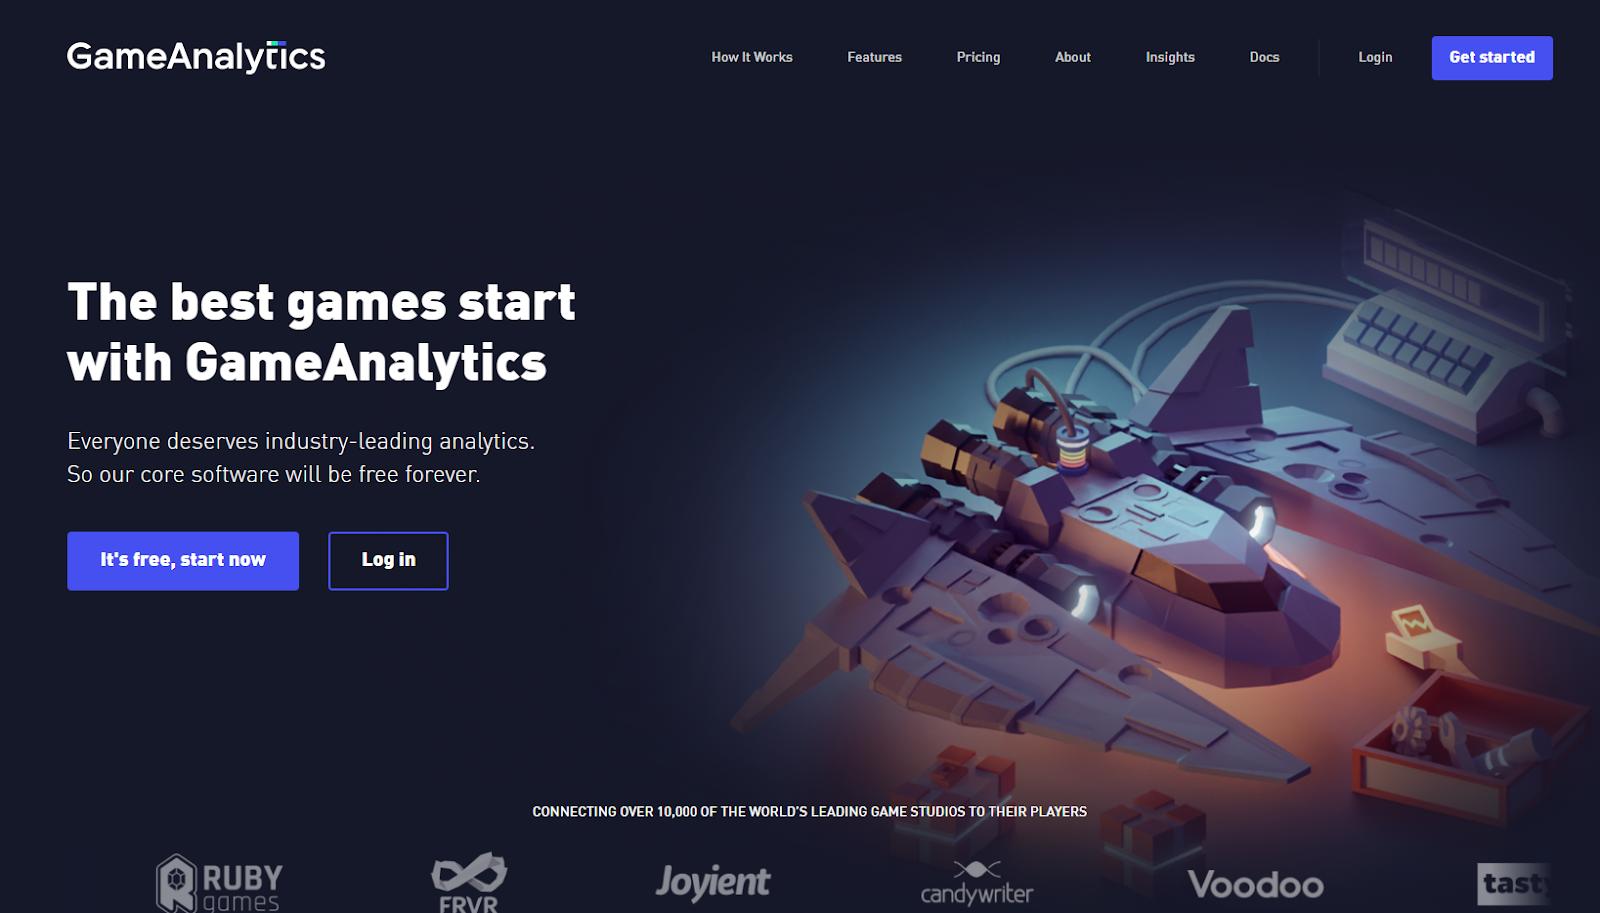 Gameanalytics Screenshot